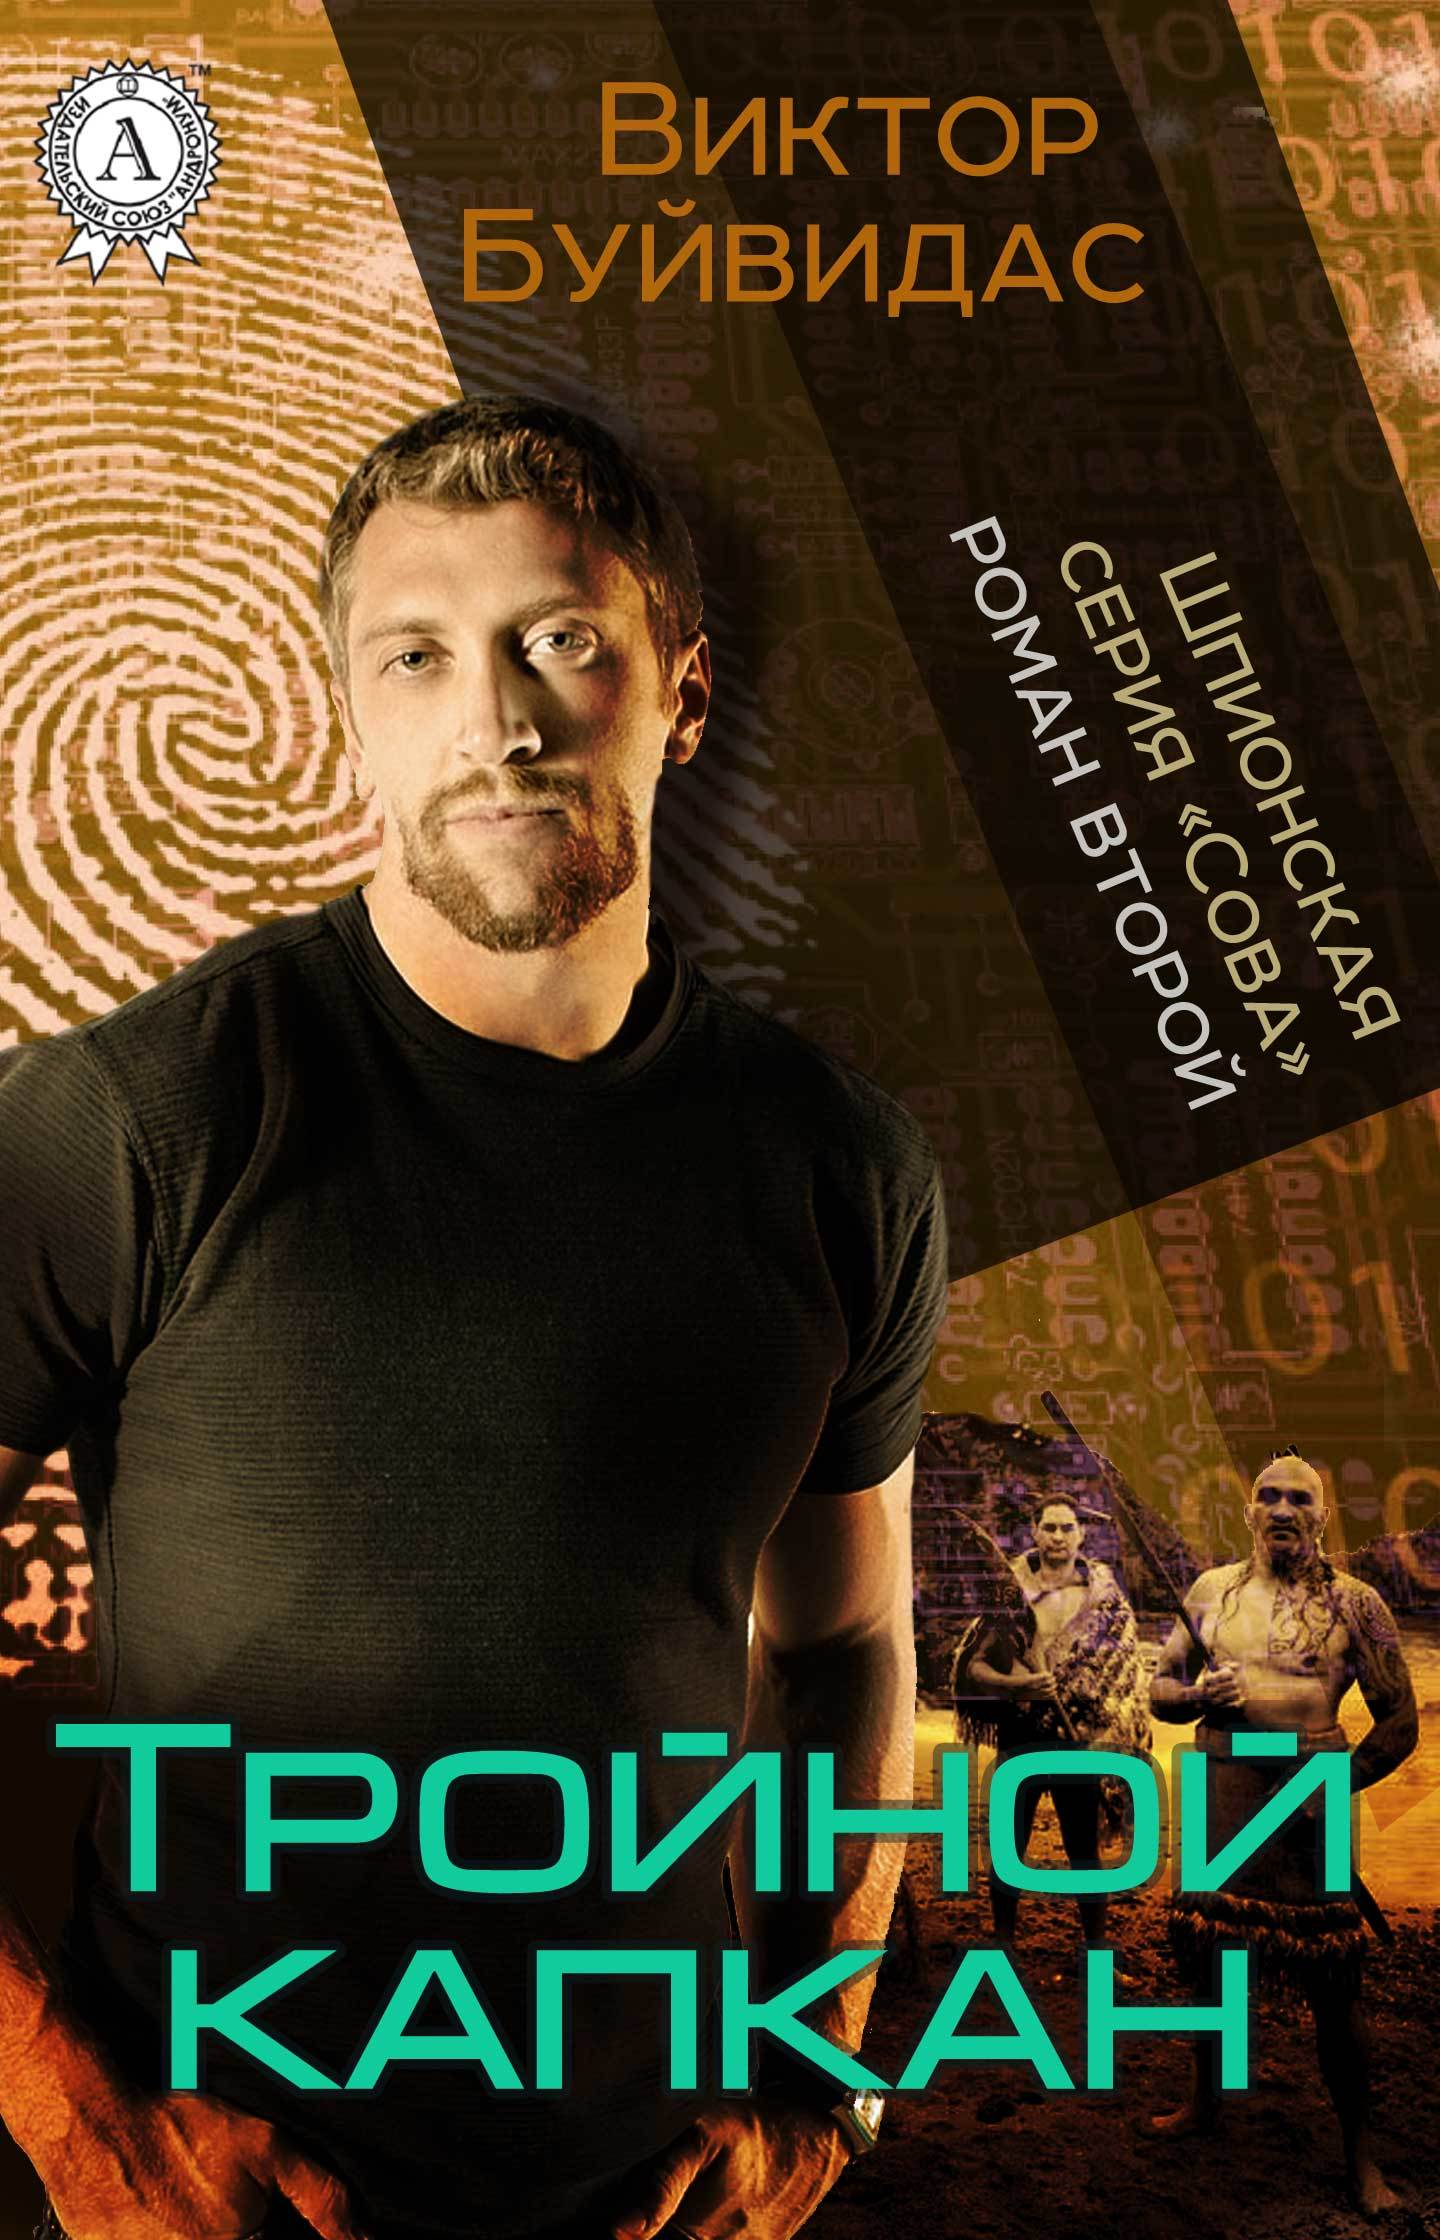 Обложка книги Тройной капкан, автор Буйвидас, Виктор